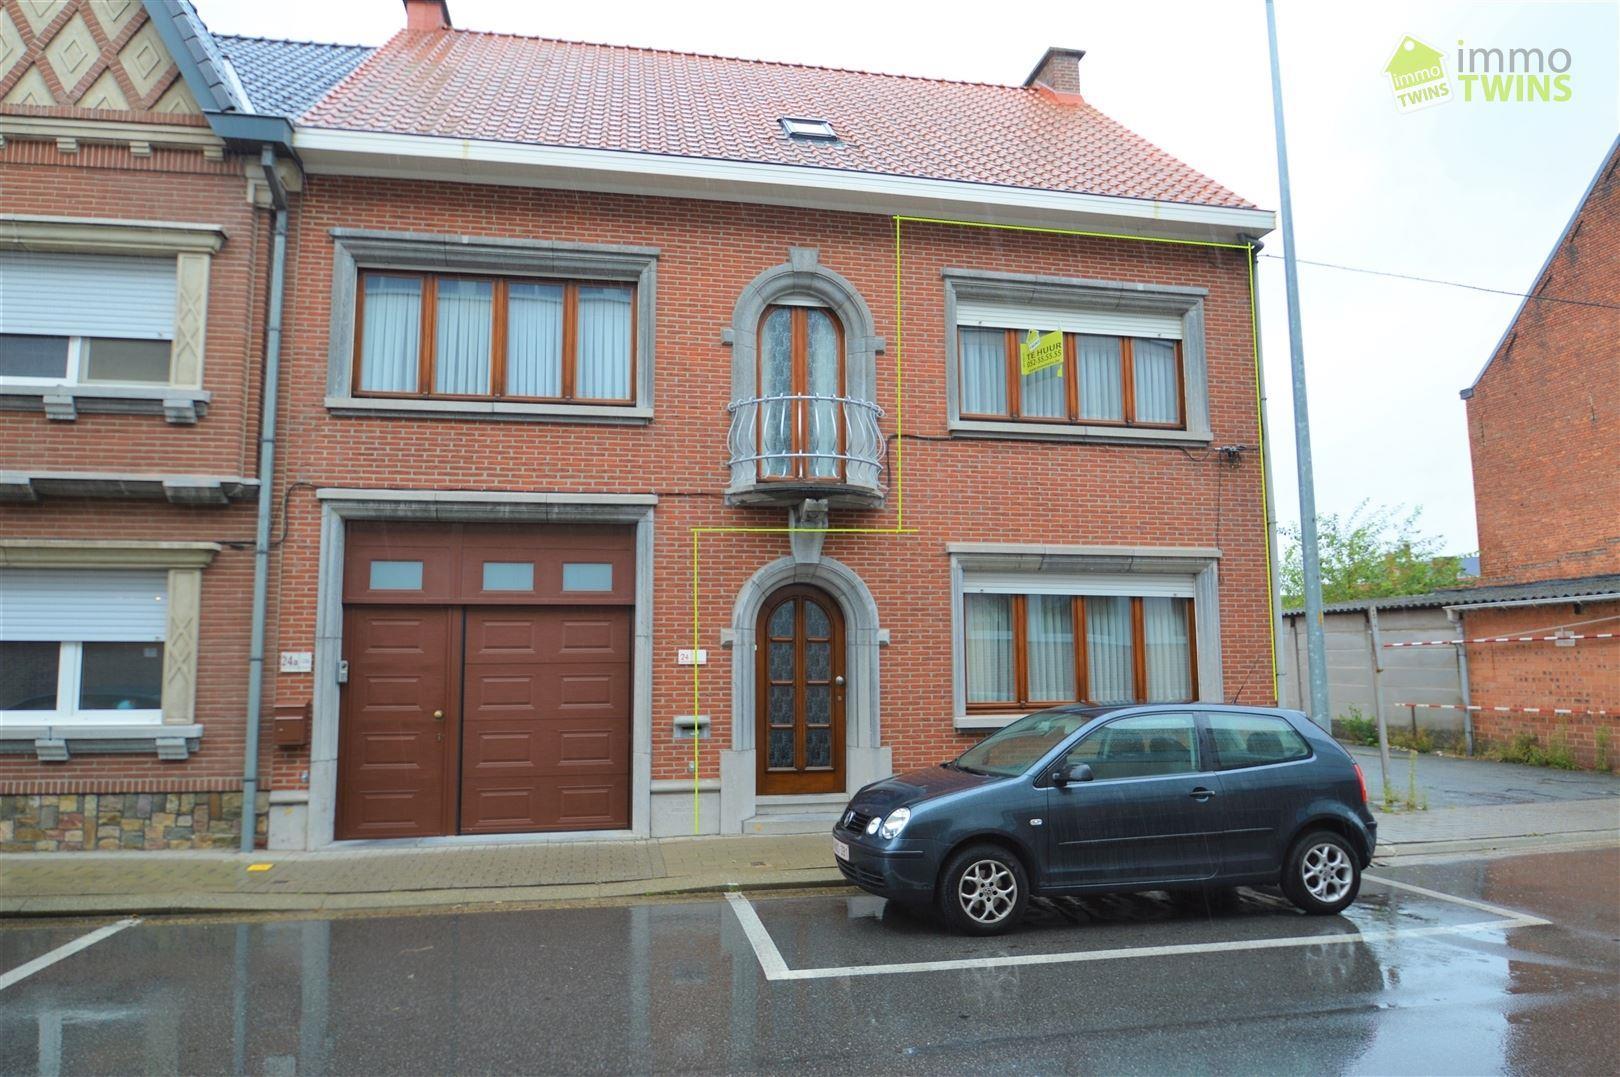 Foto 1 : Woning te 9200 Baasrode (België) - Prijs € 685